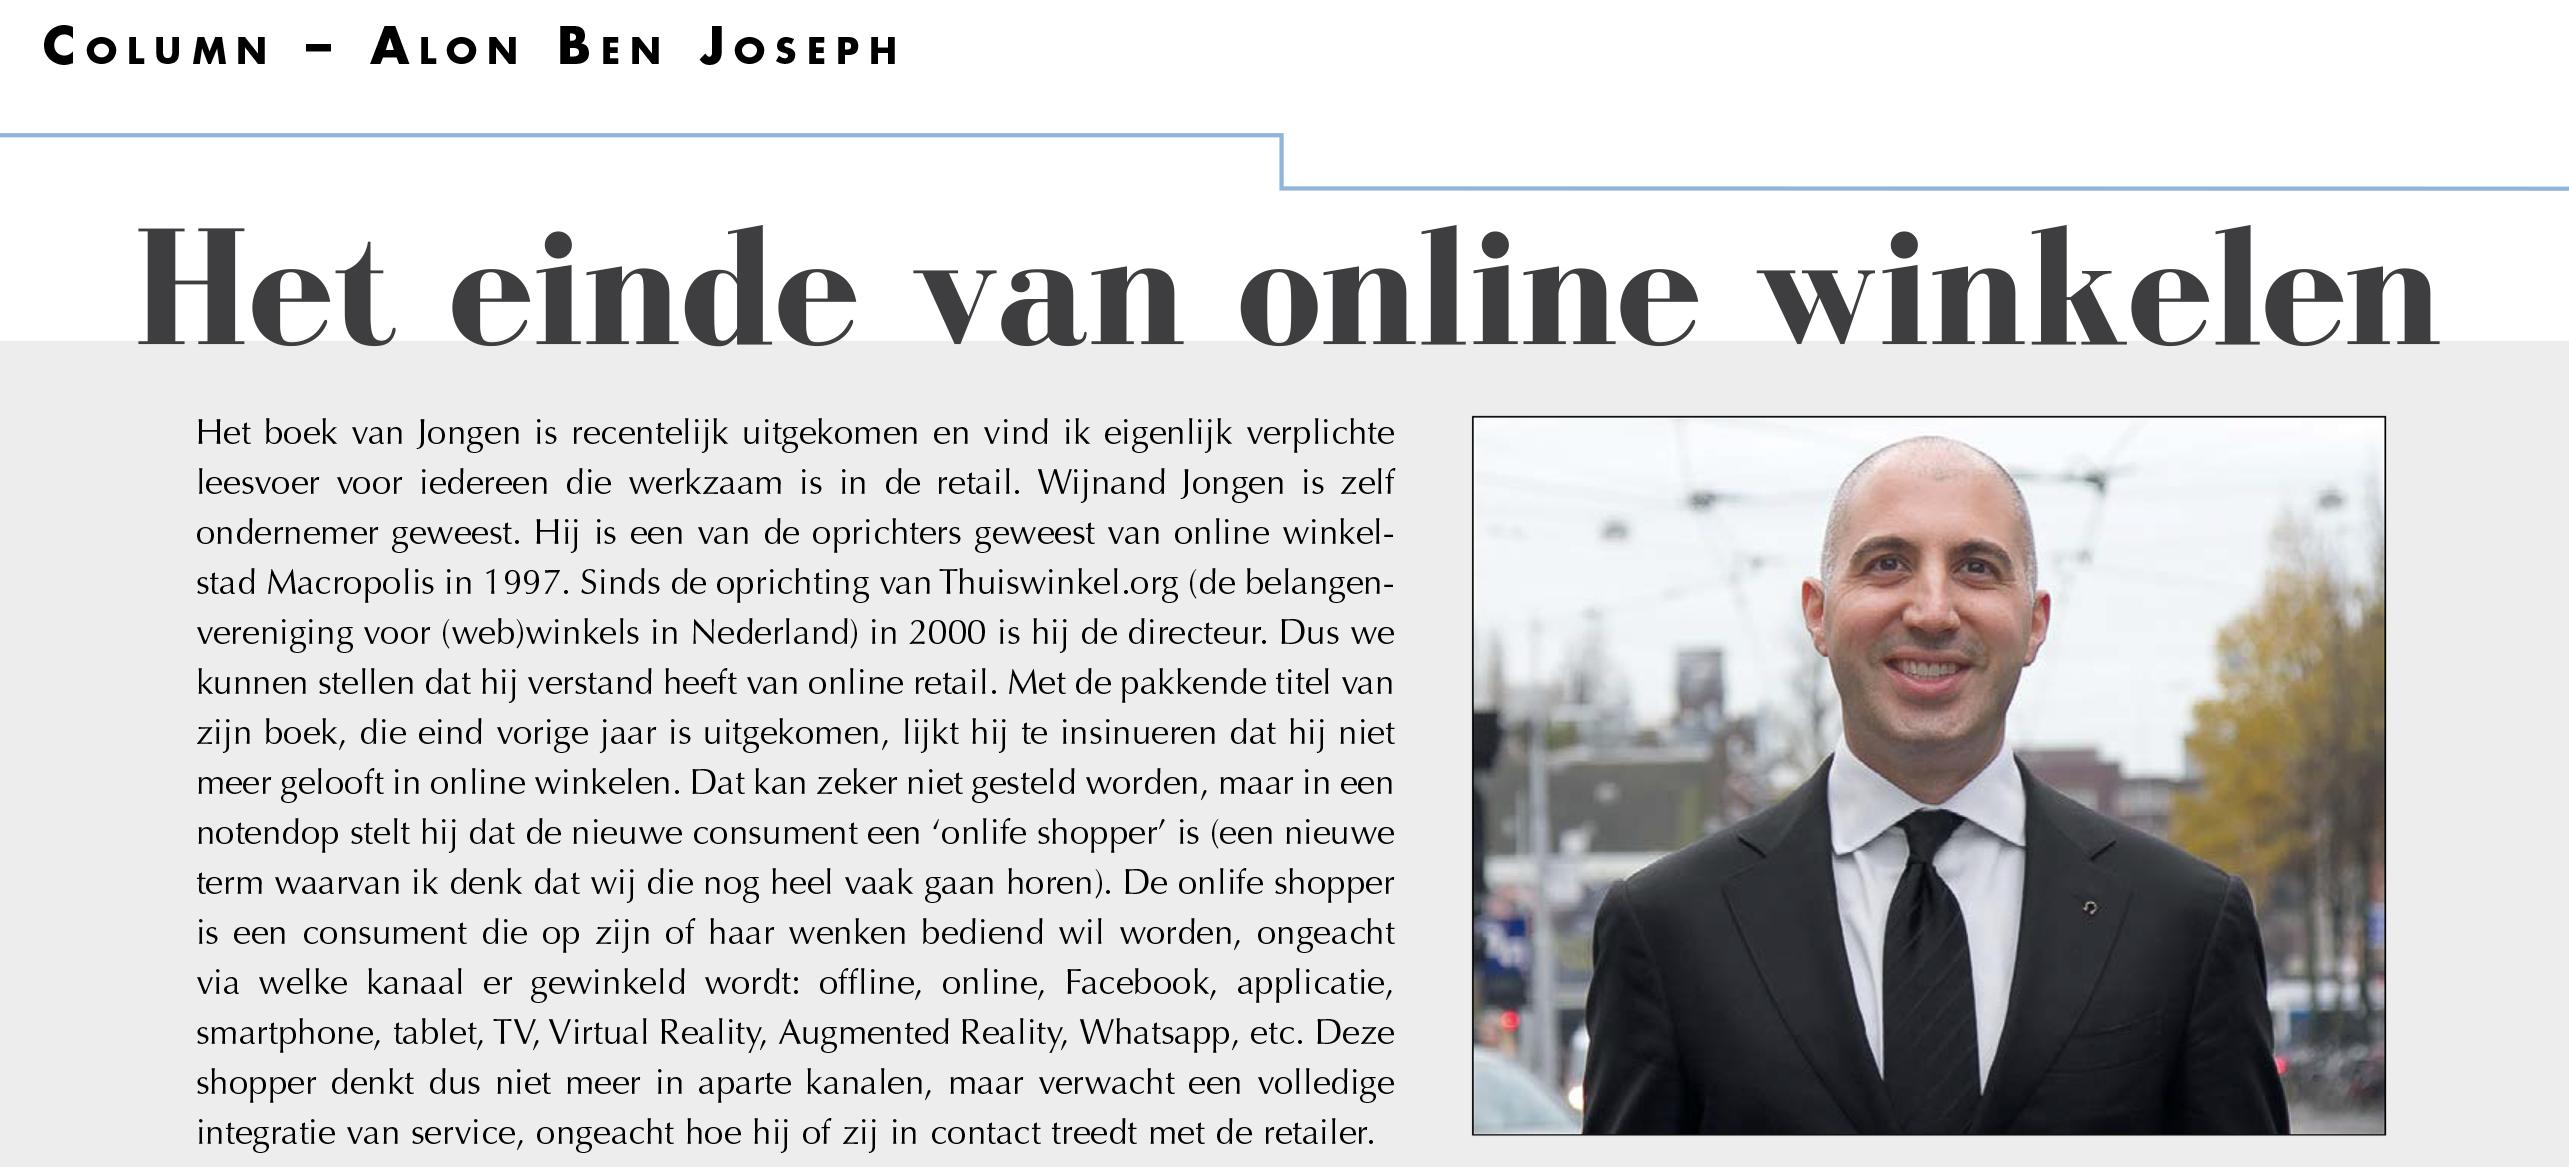 Column: Het einde van online winkelen – Alon Ben Joseph